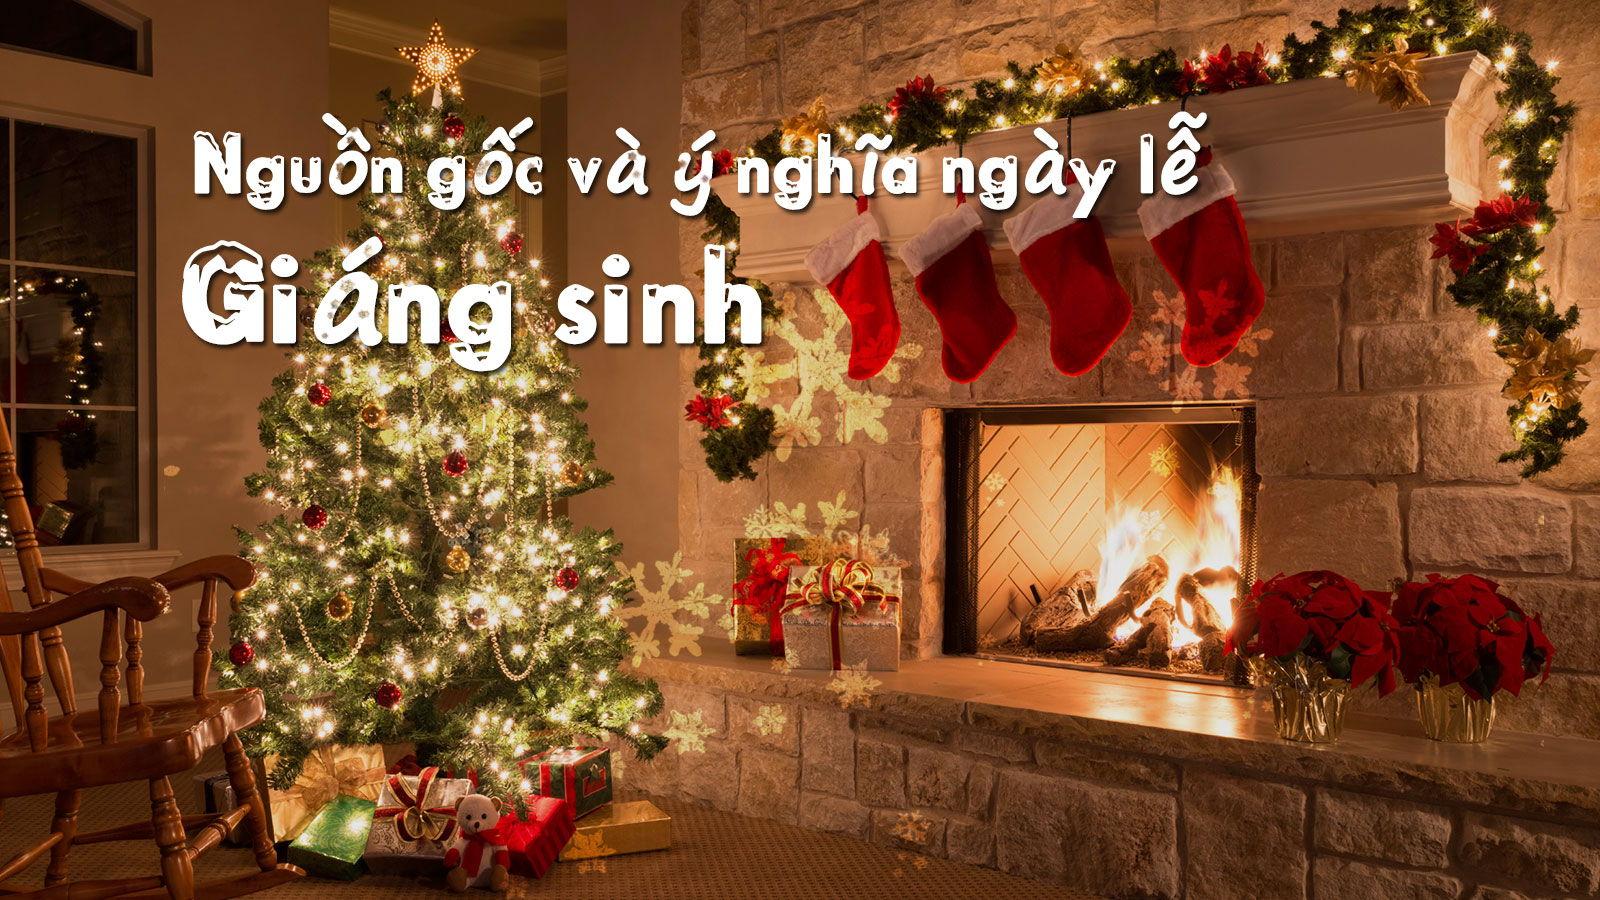 Nguồn gốc ý nghĩa ngày lễ Noel